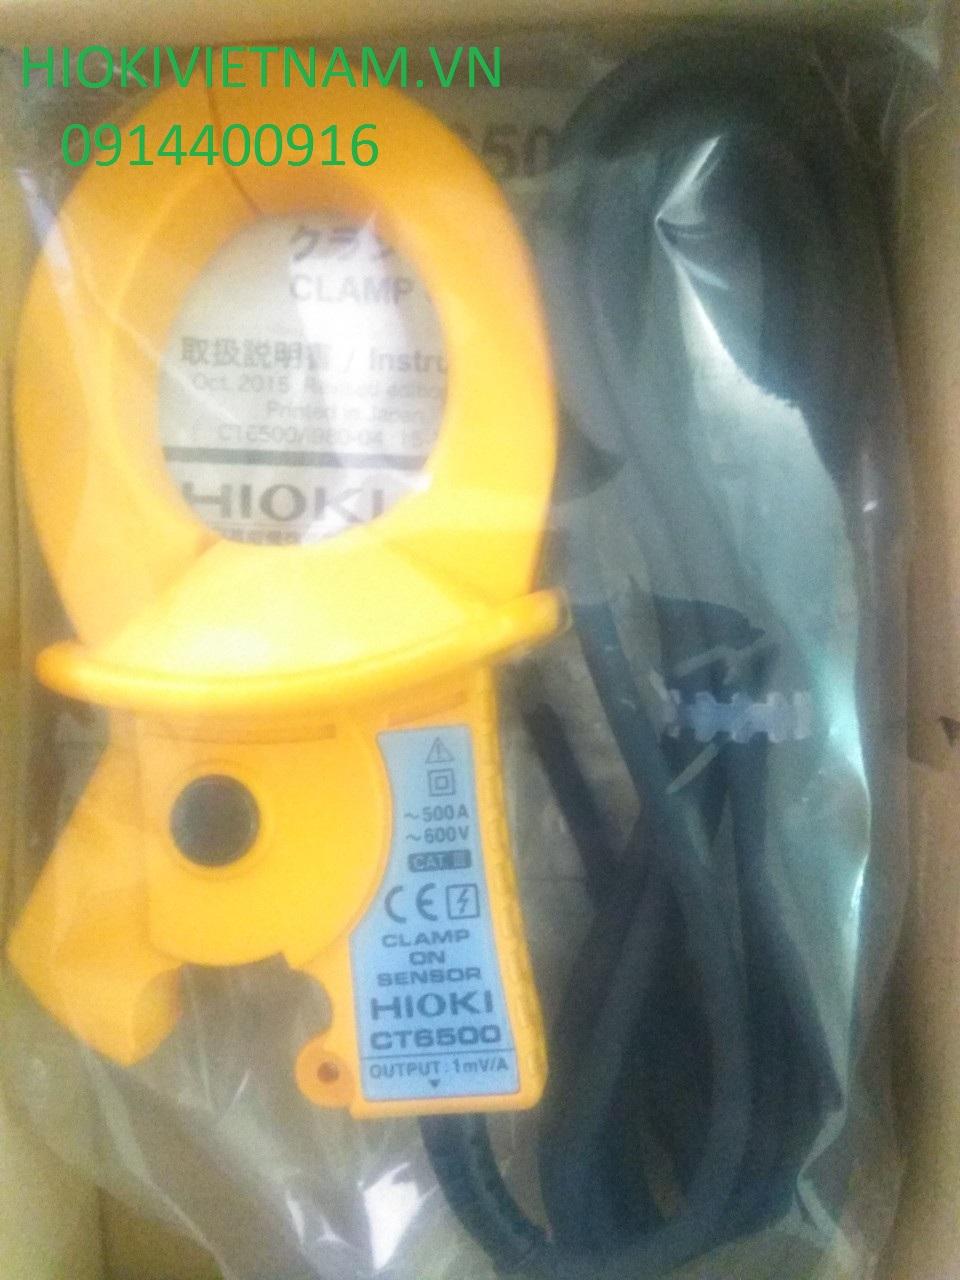 Đầu đo dòng điện dạng kìm Hioki CT6500